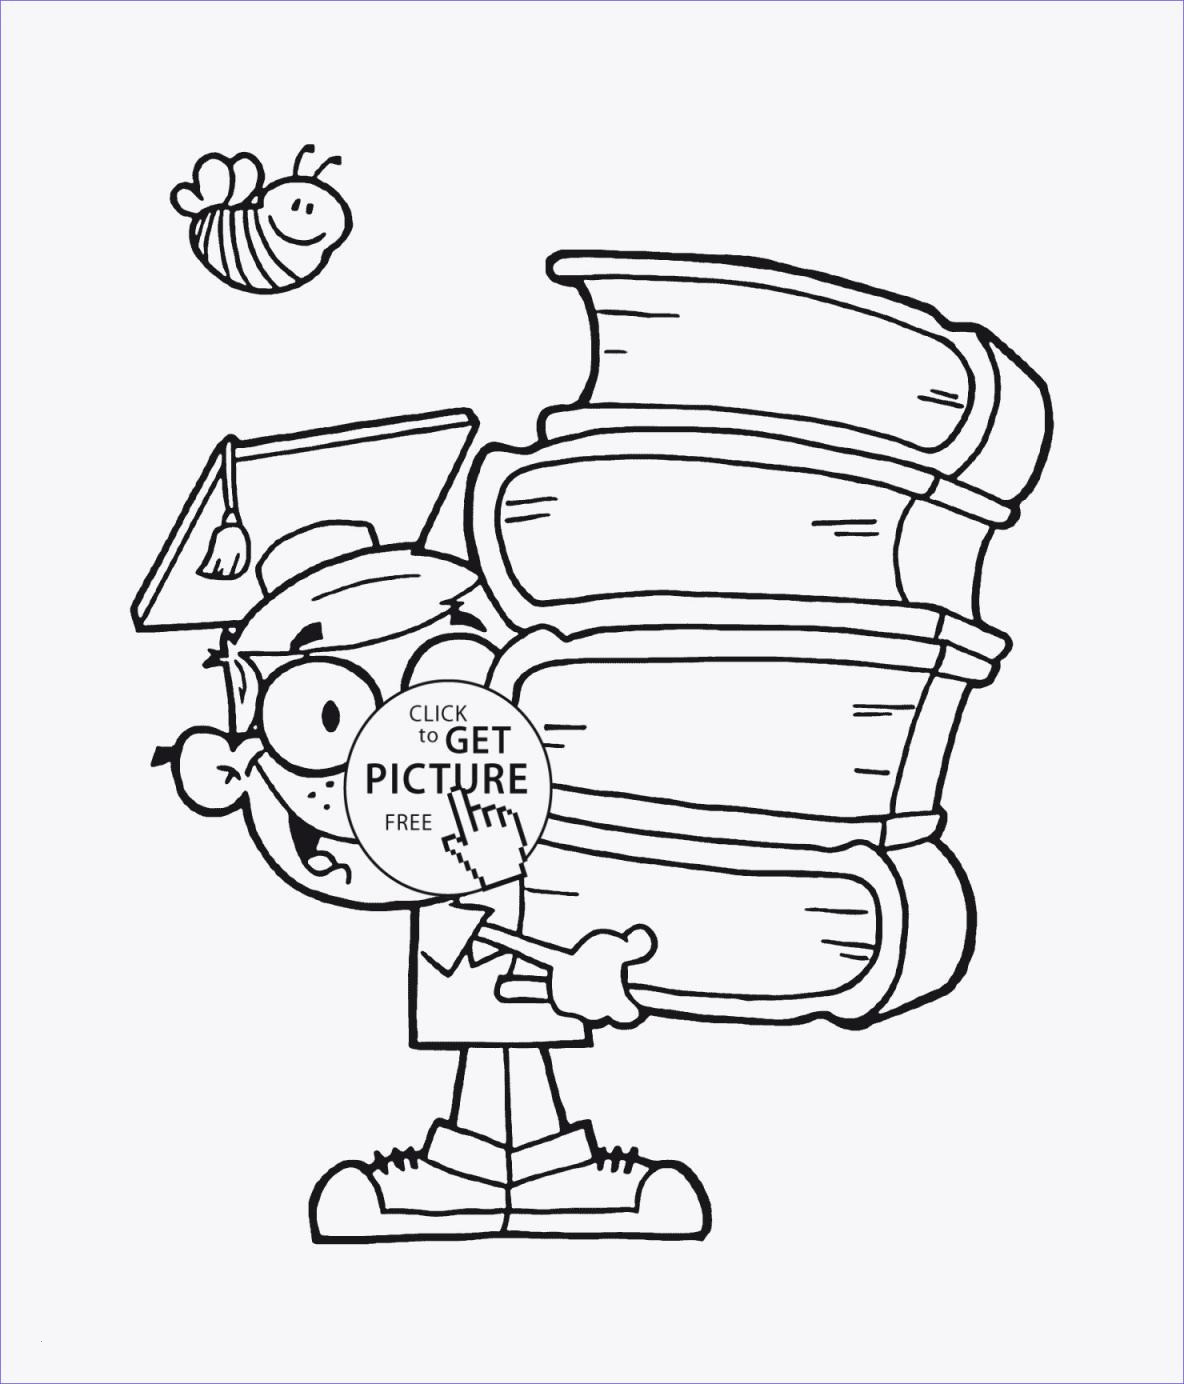 Ausmalbilder Bugs Bunny Frisch Malvorlagen Igel Frisch Igel Grundschule 0d Archives Uploadertalk Bild